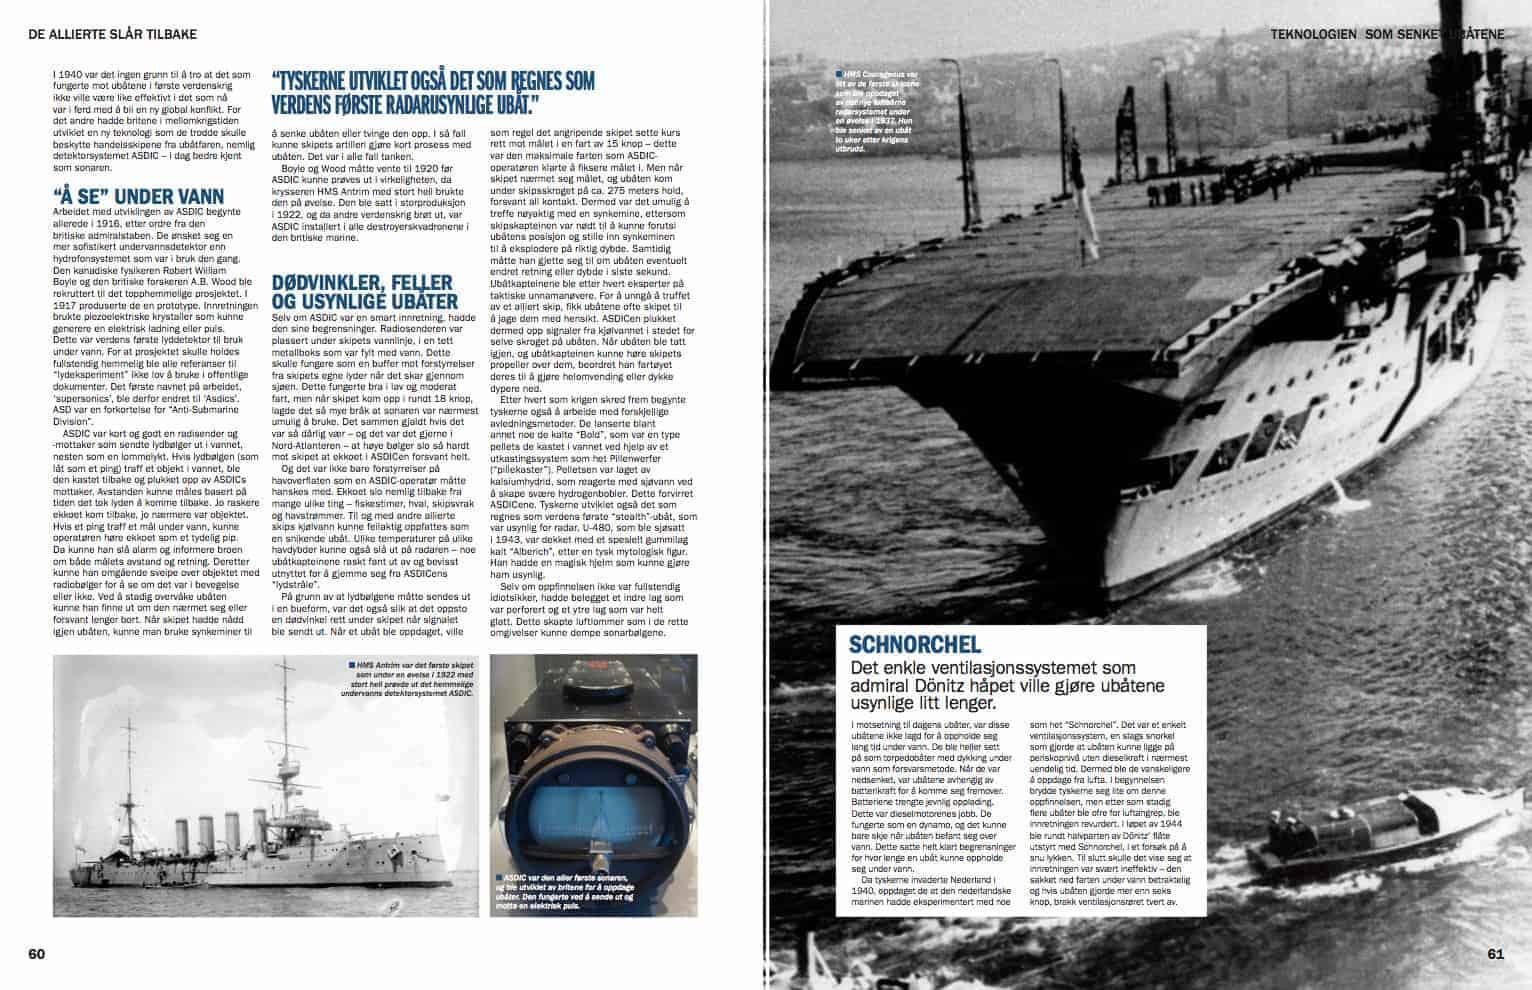 Teknologien som senket ubåtene, oppslag